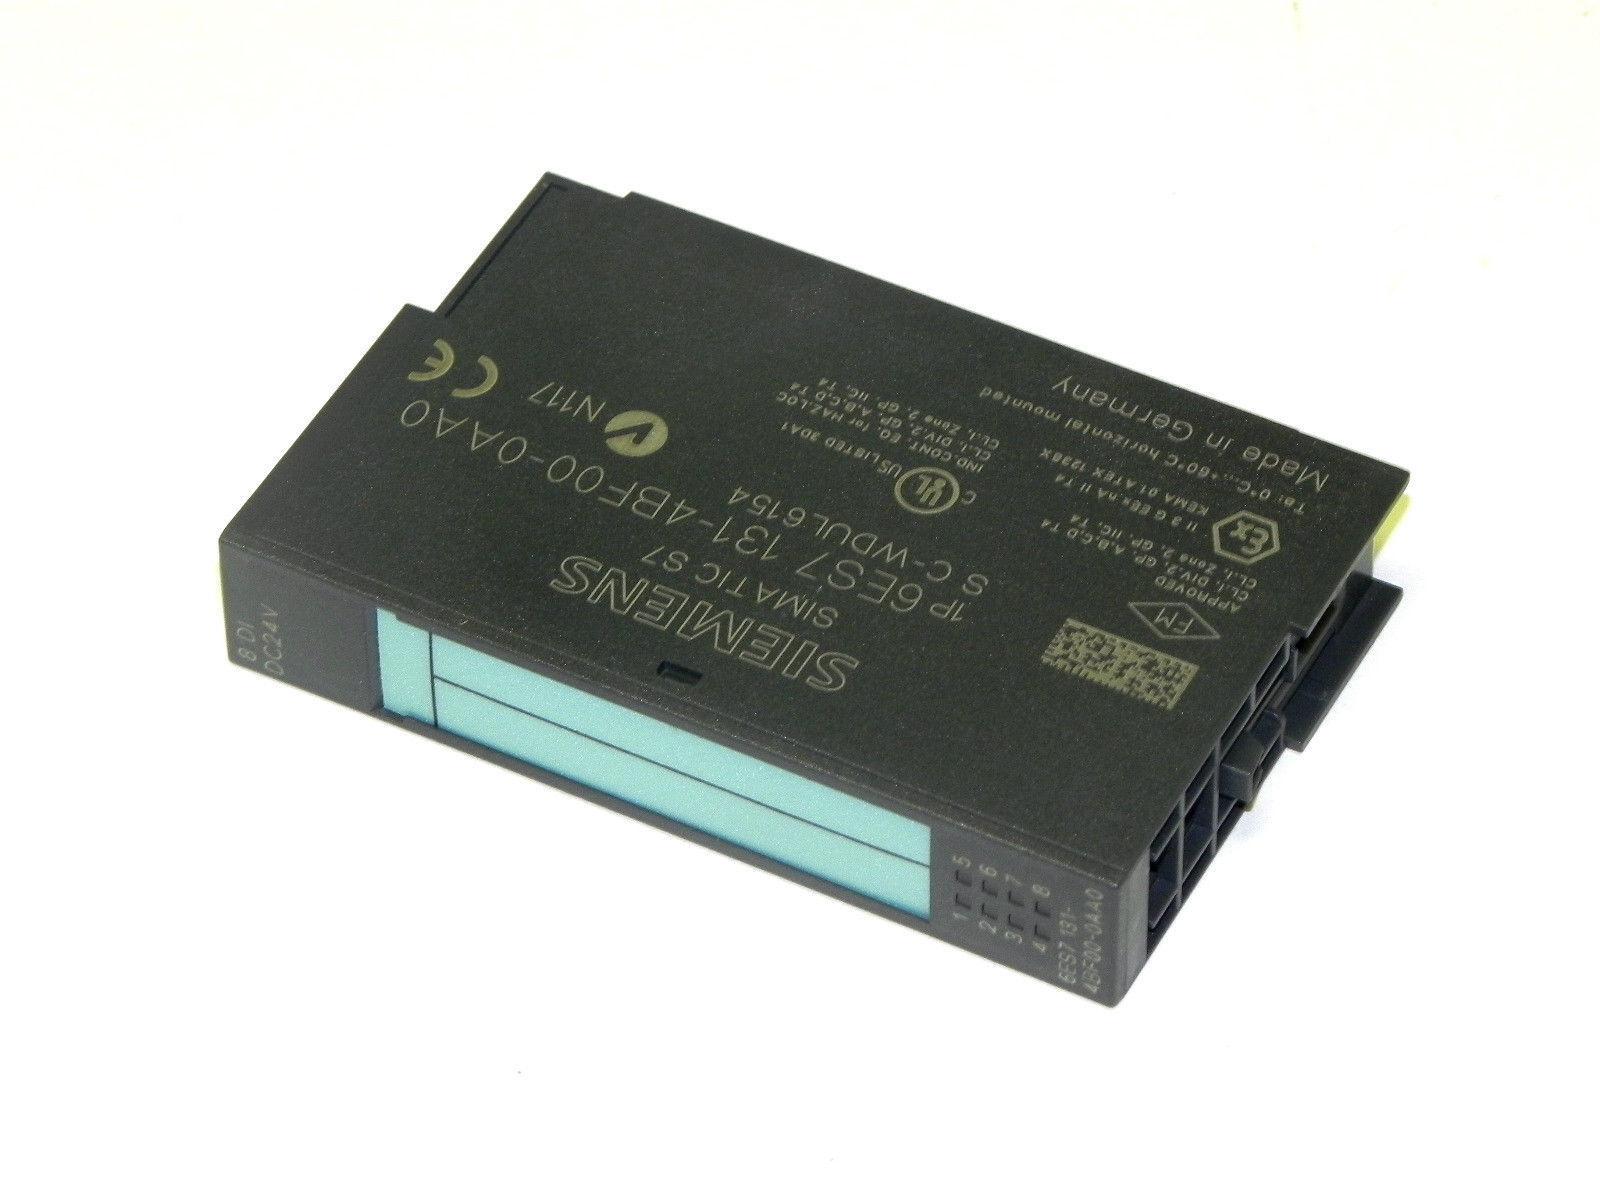 Siemens 6es7 131-4bf00-0aa0